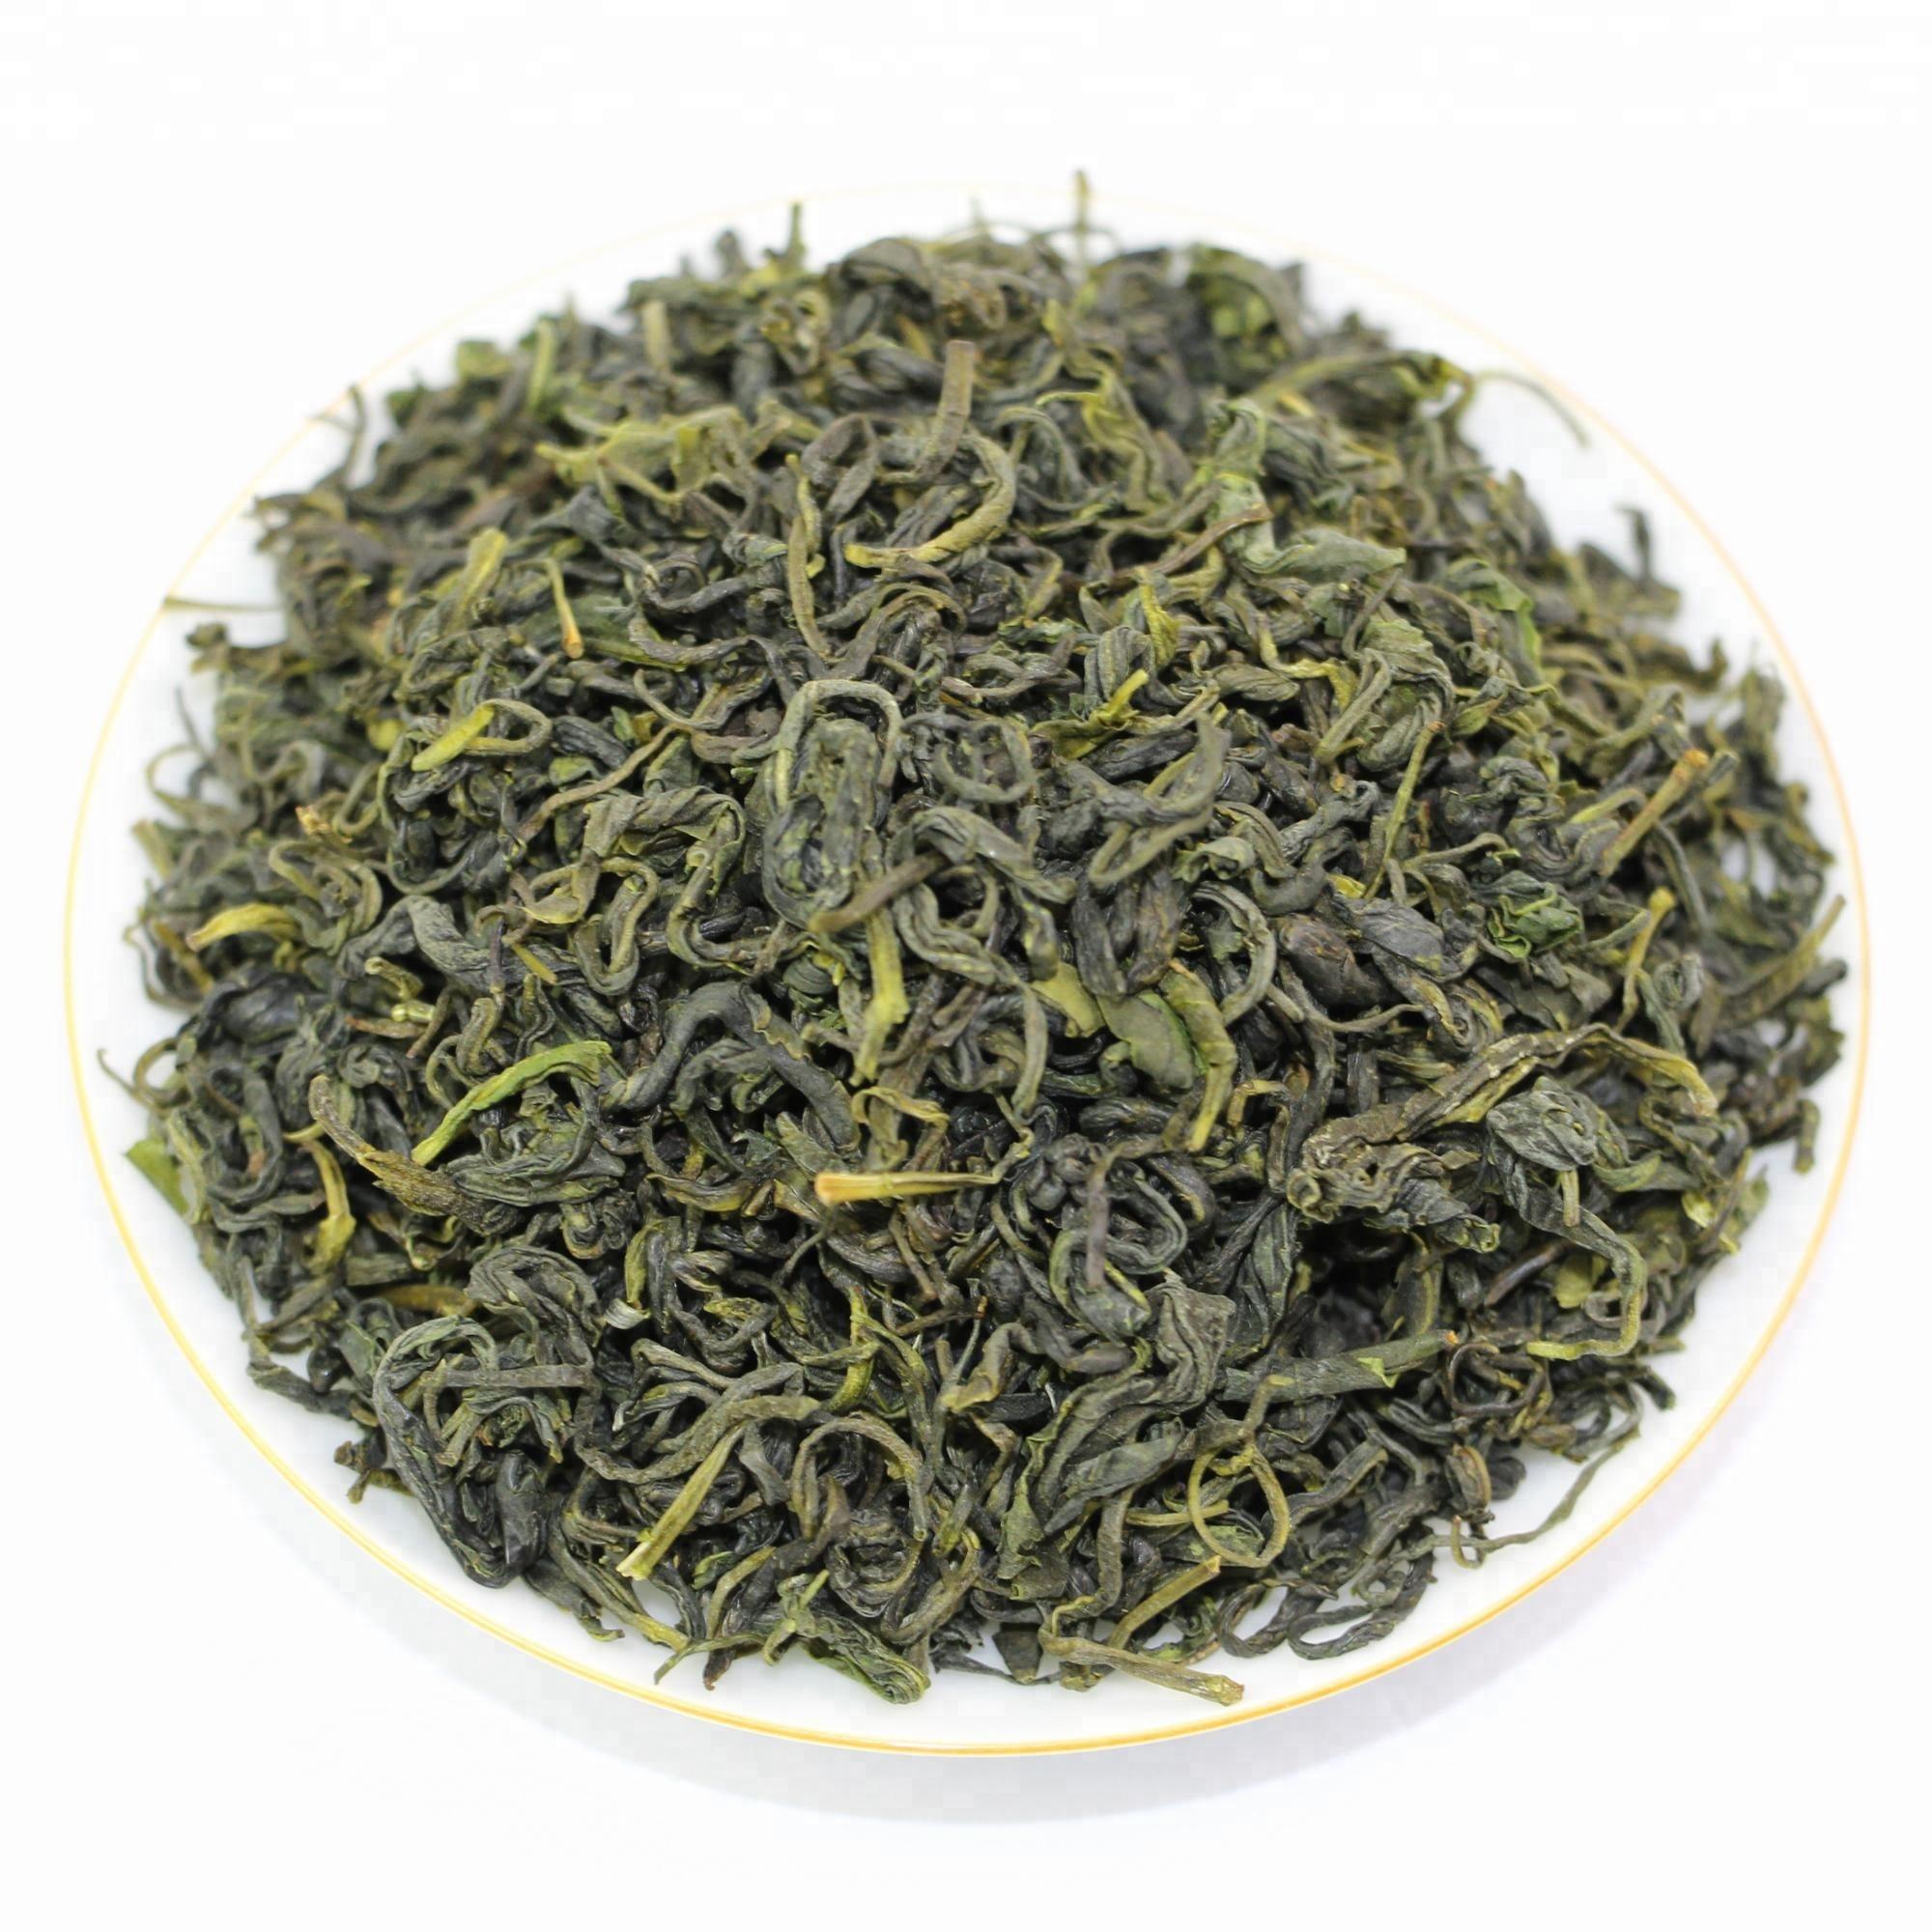 Best online tea store in China blood pressure tea green - 4uTea | 4uTea.com